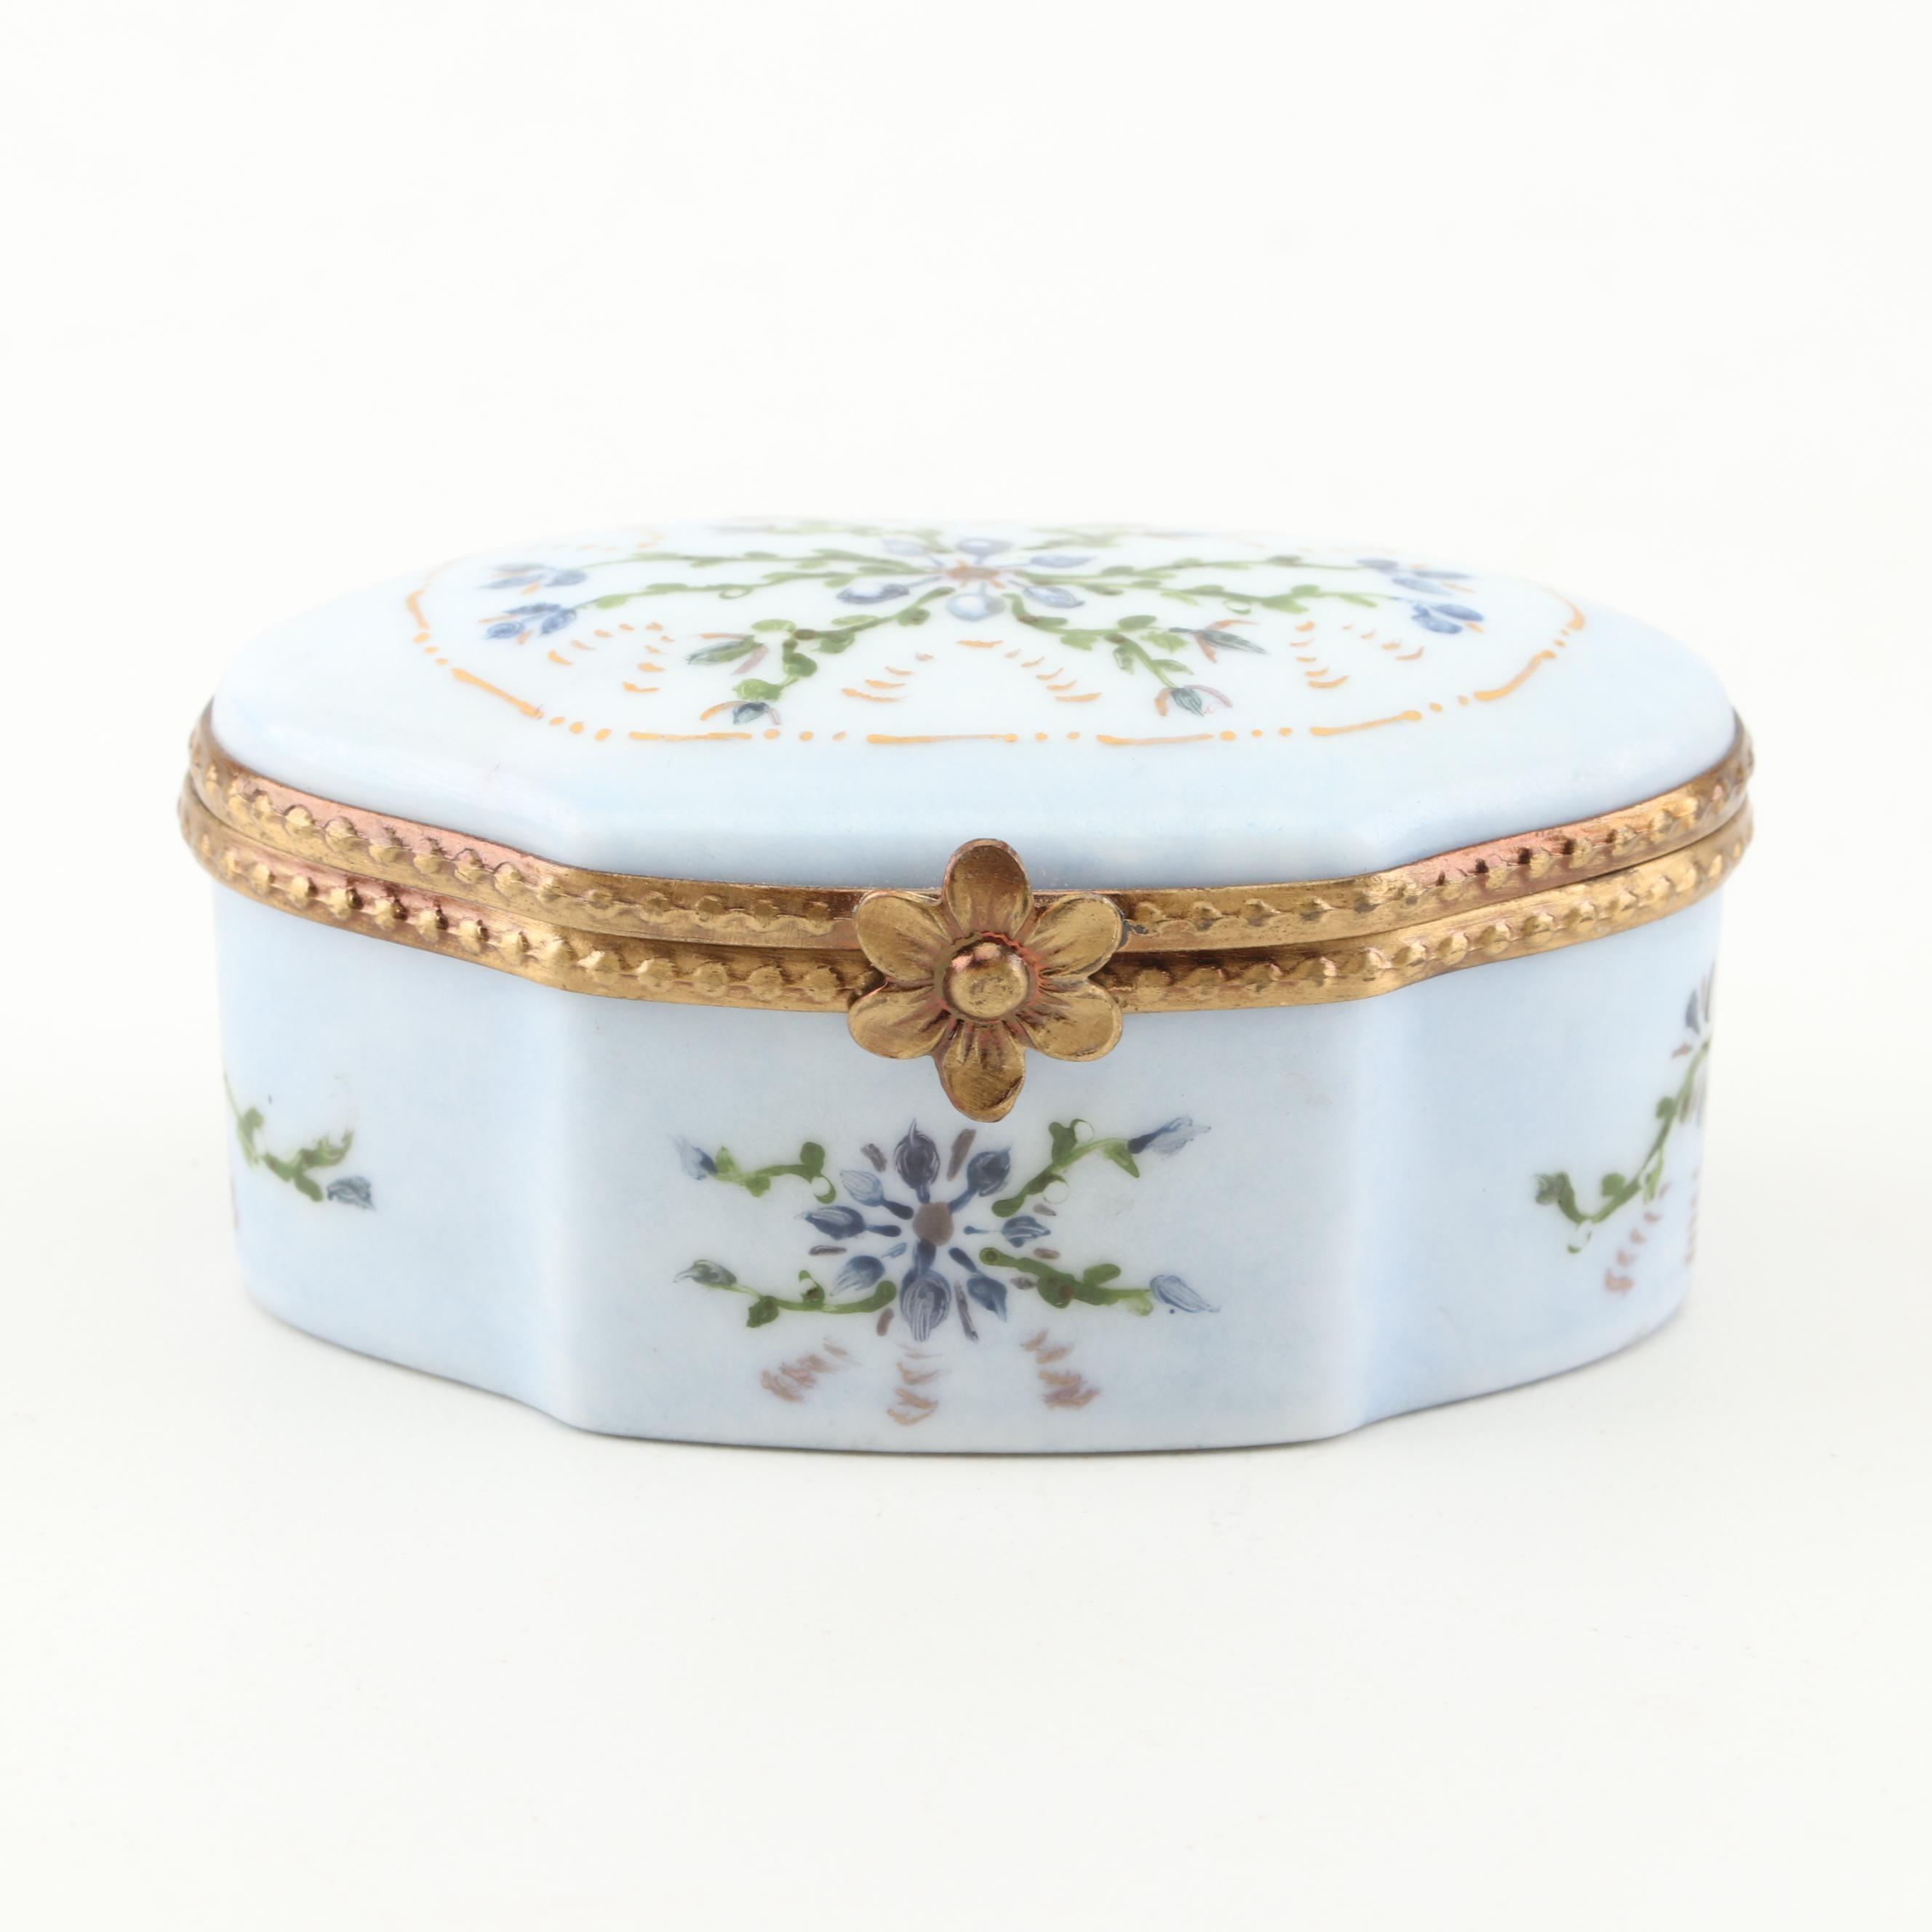 Limoges Hand-Painted Faison Porcelain Trinket Box, 1998